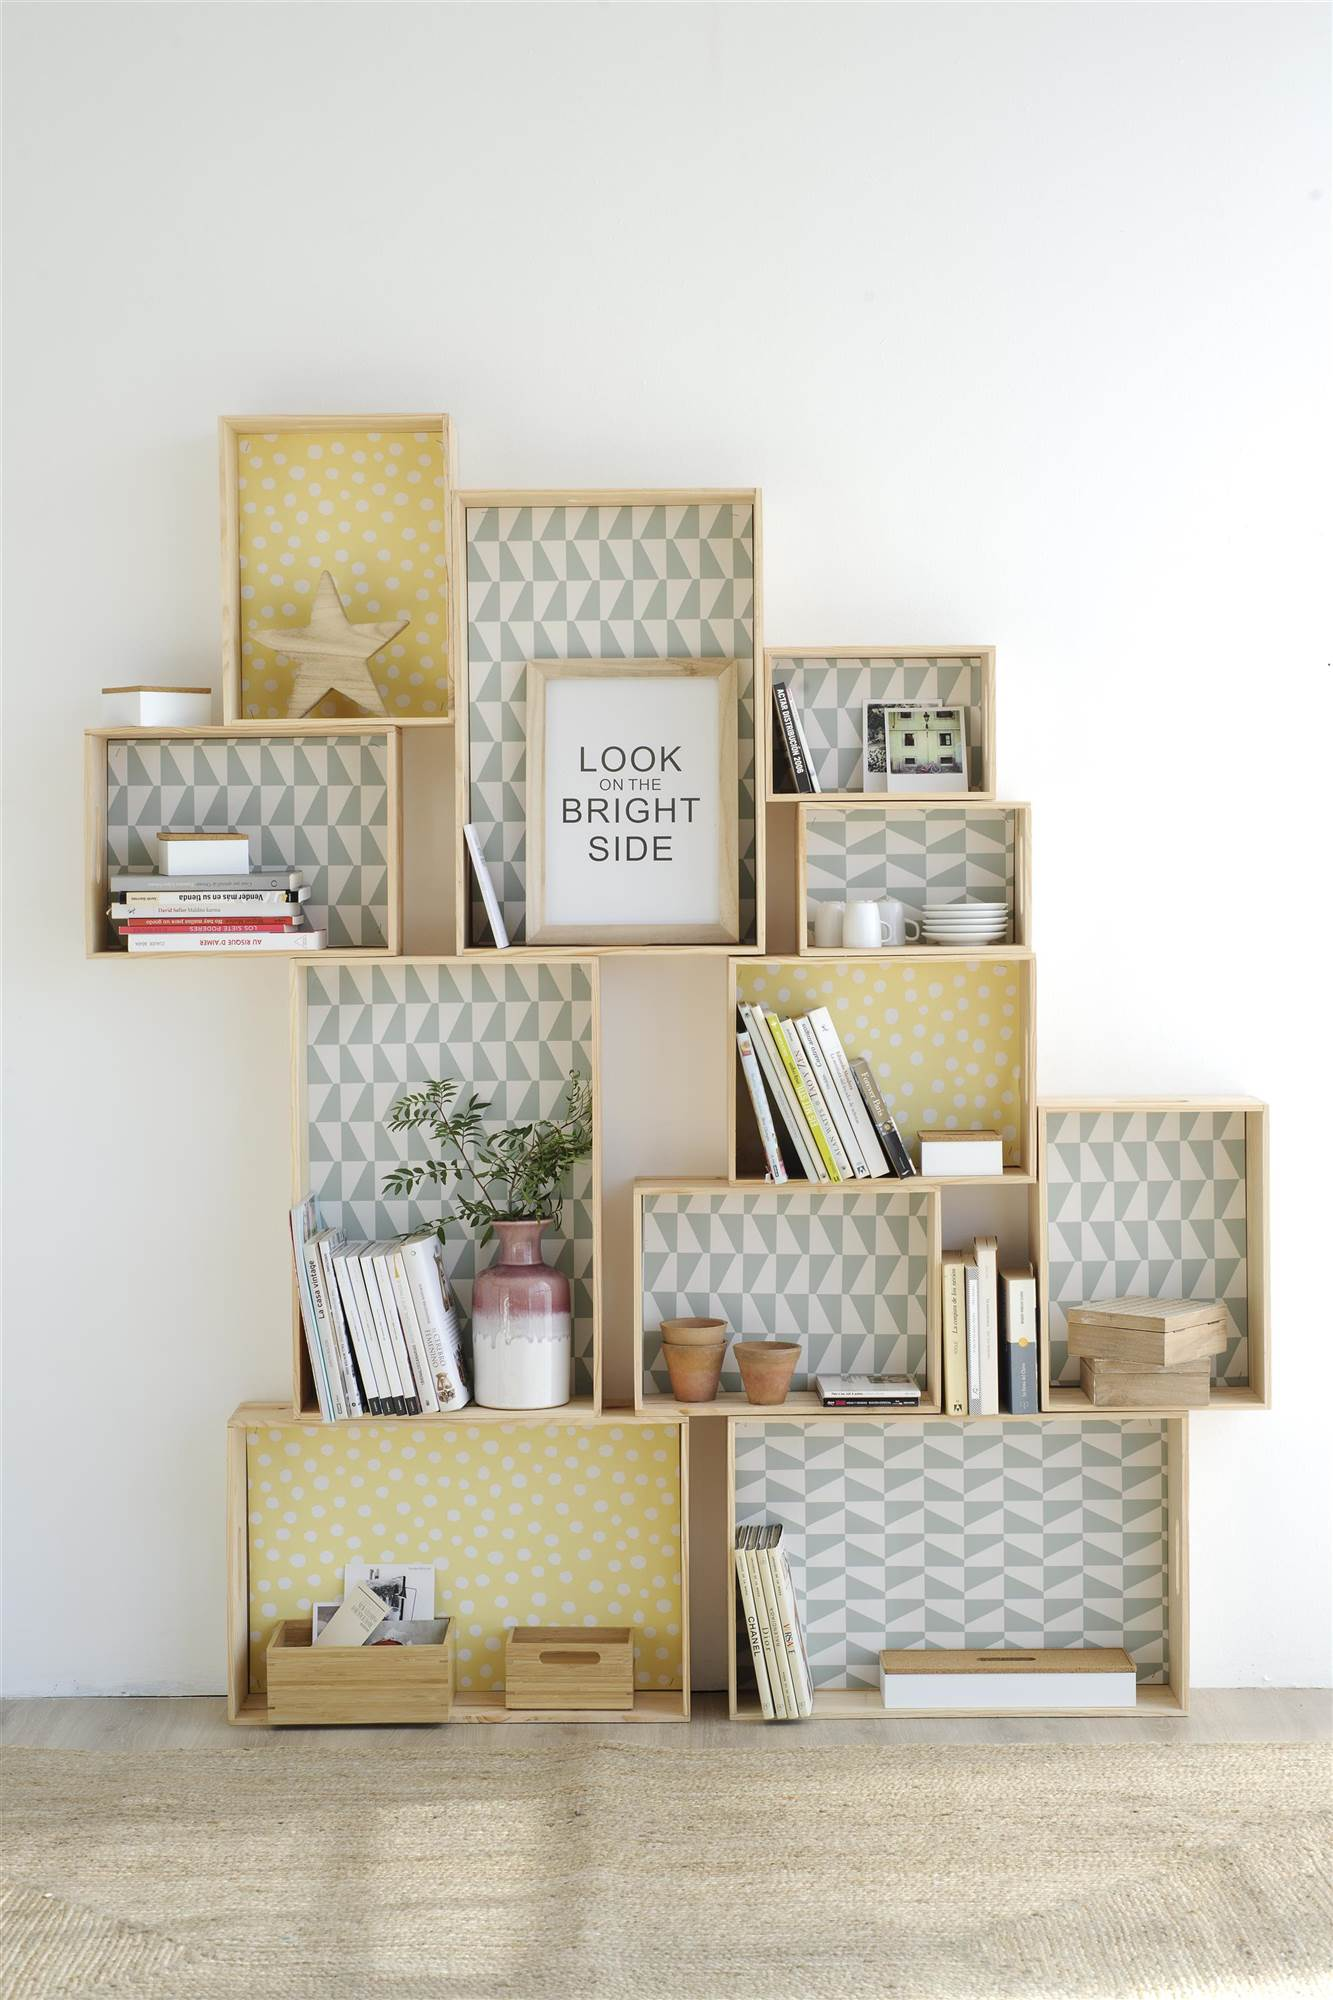 Utiliza las formas geom tricas para decorar tu casa - Decorar cajas de madera con papel ...